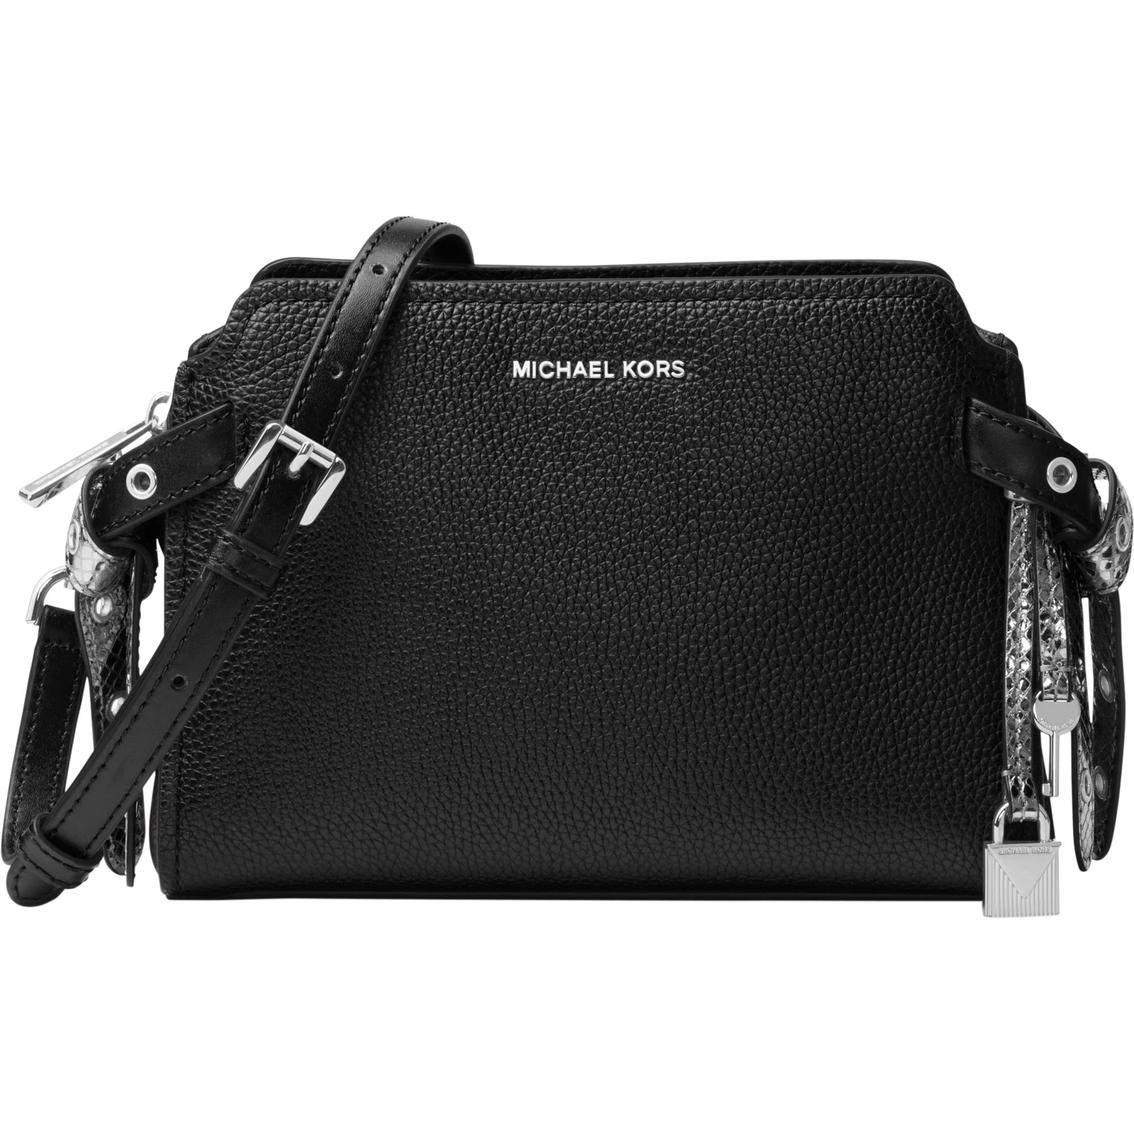 a45e4ae68aa1fd Michael Kors Bristol Medium Messenger | Handbags | Shop The Exchange